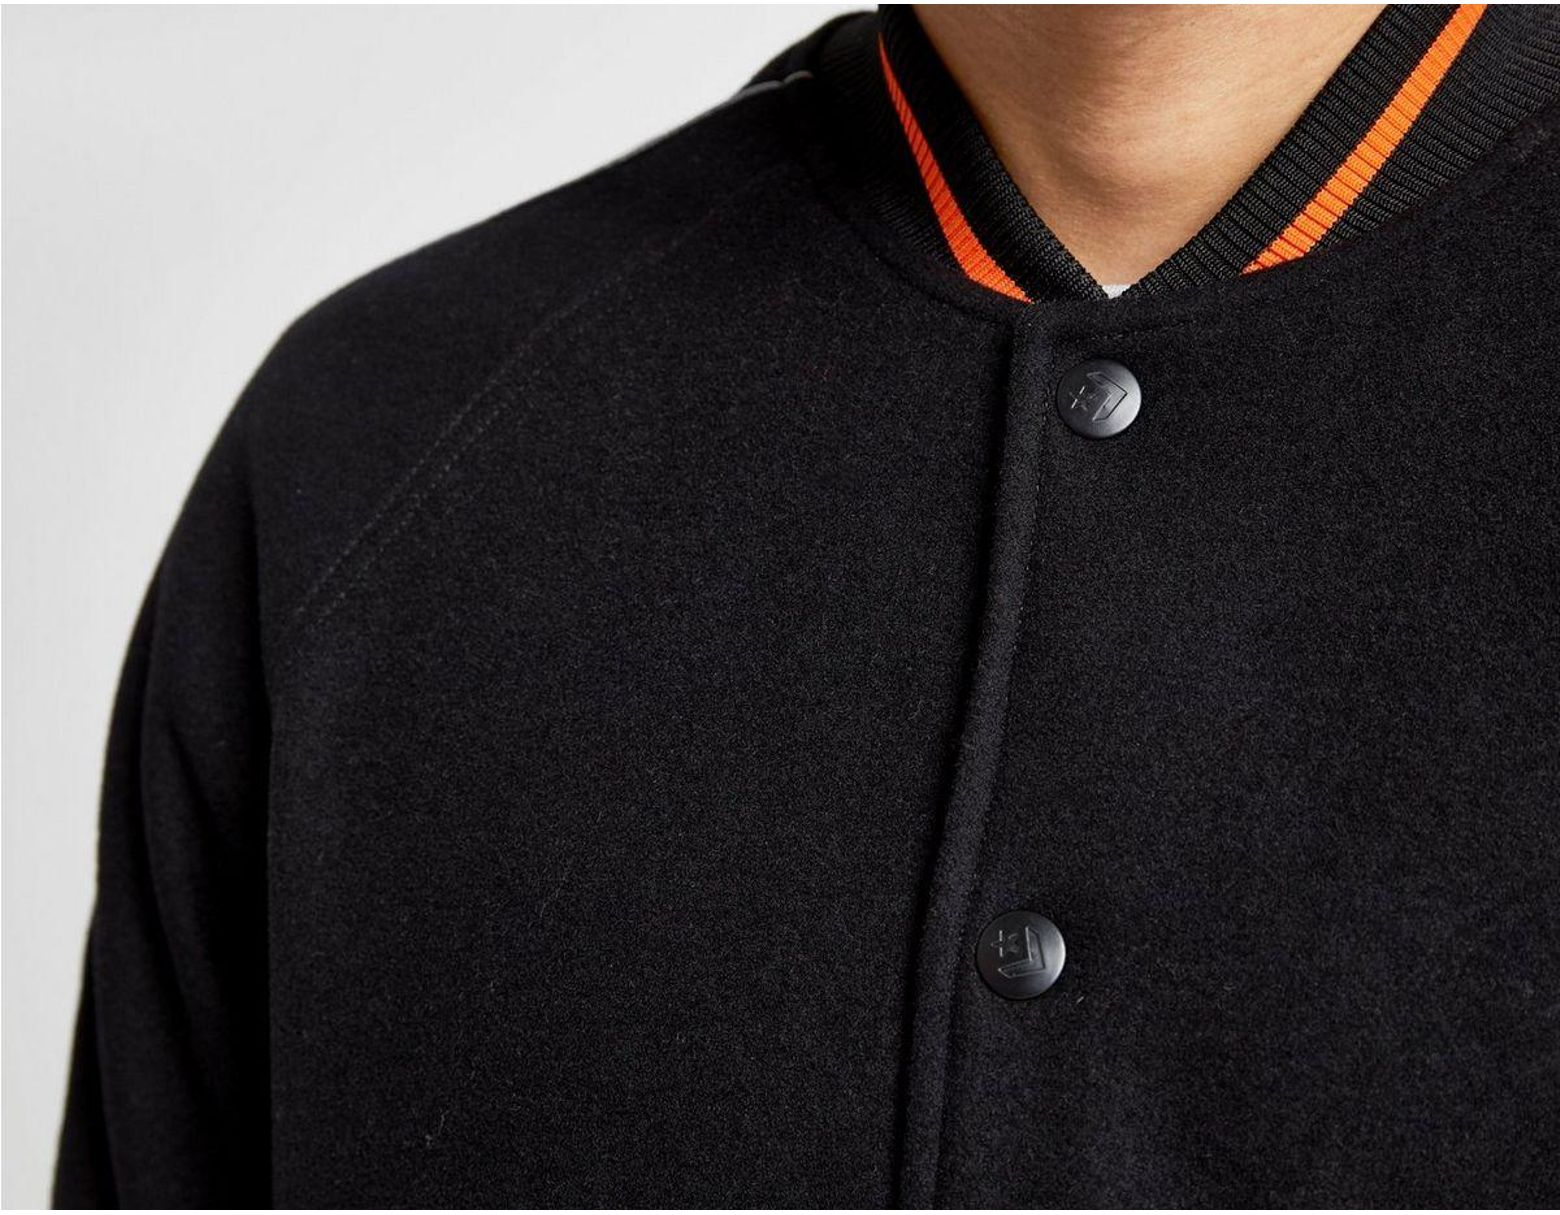 c78a86ae5 Men's Black X Vince Staples Varsity Jacket